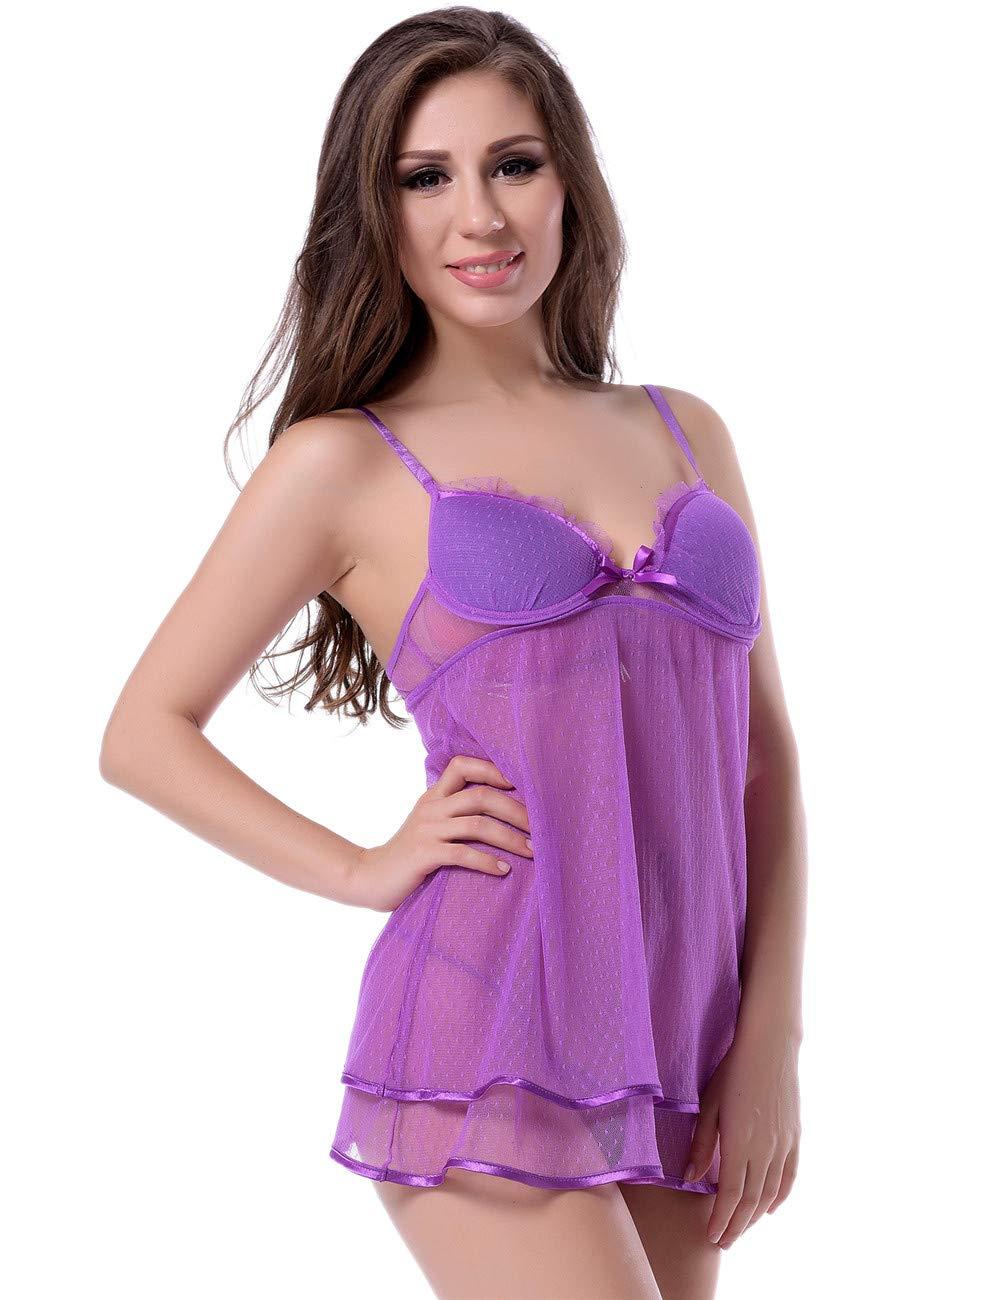 Mujeres Sling Pijamas lencería Sexy Sexy Sexy Encaje Seductor erótico Correa camisón Conjunto de Tanga - múltiples Opciones de tamaño (Tamaño : XL) e1ecab